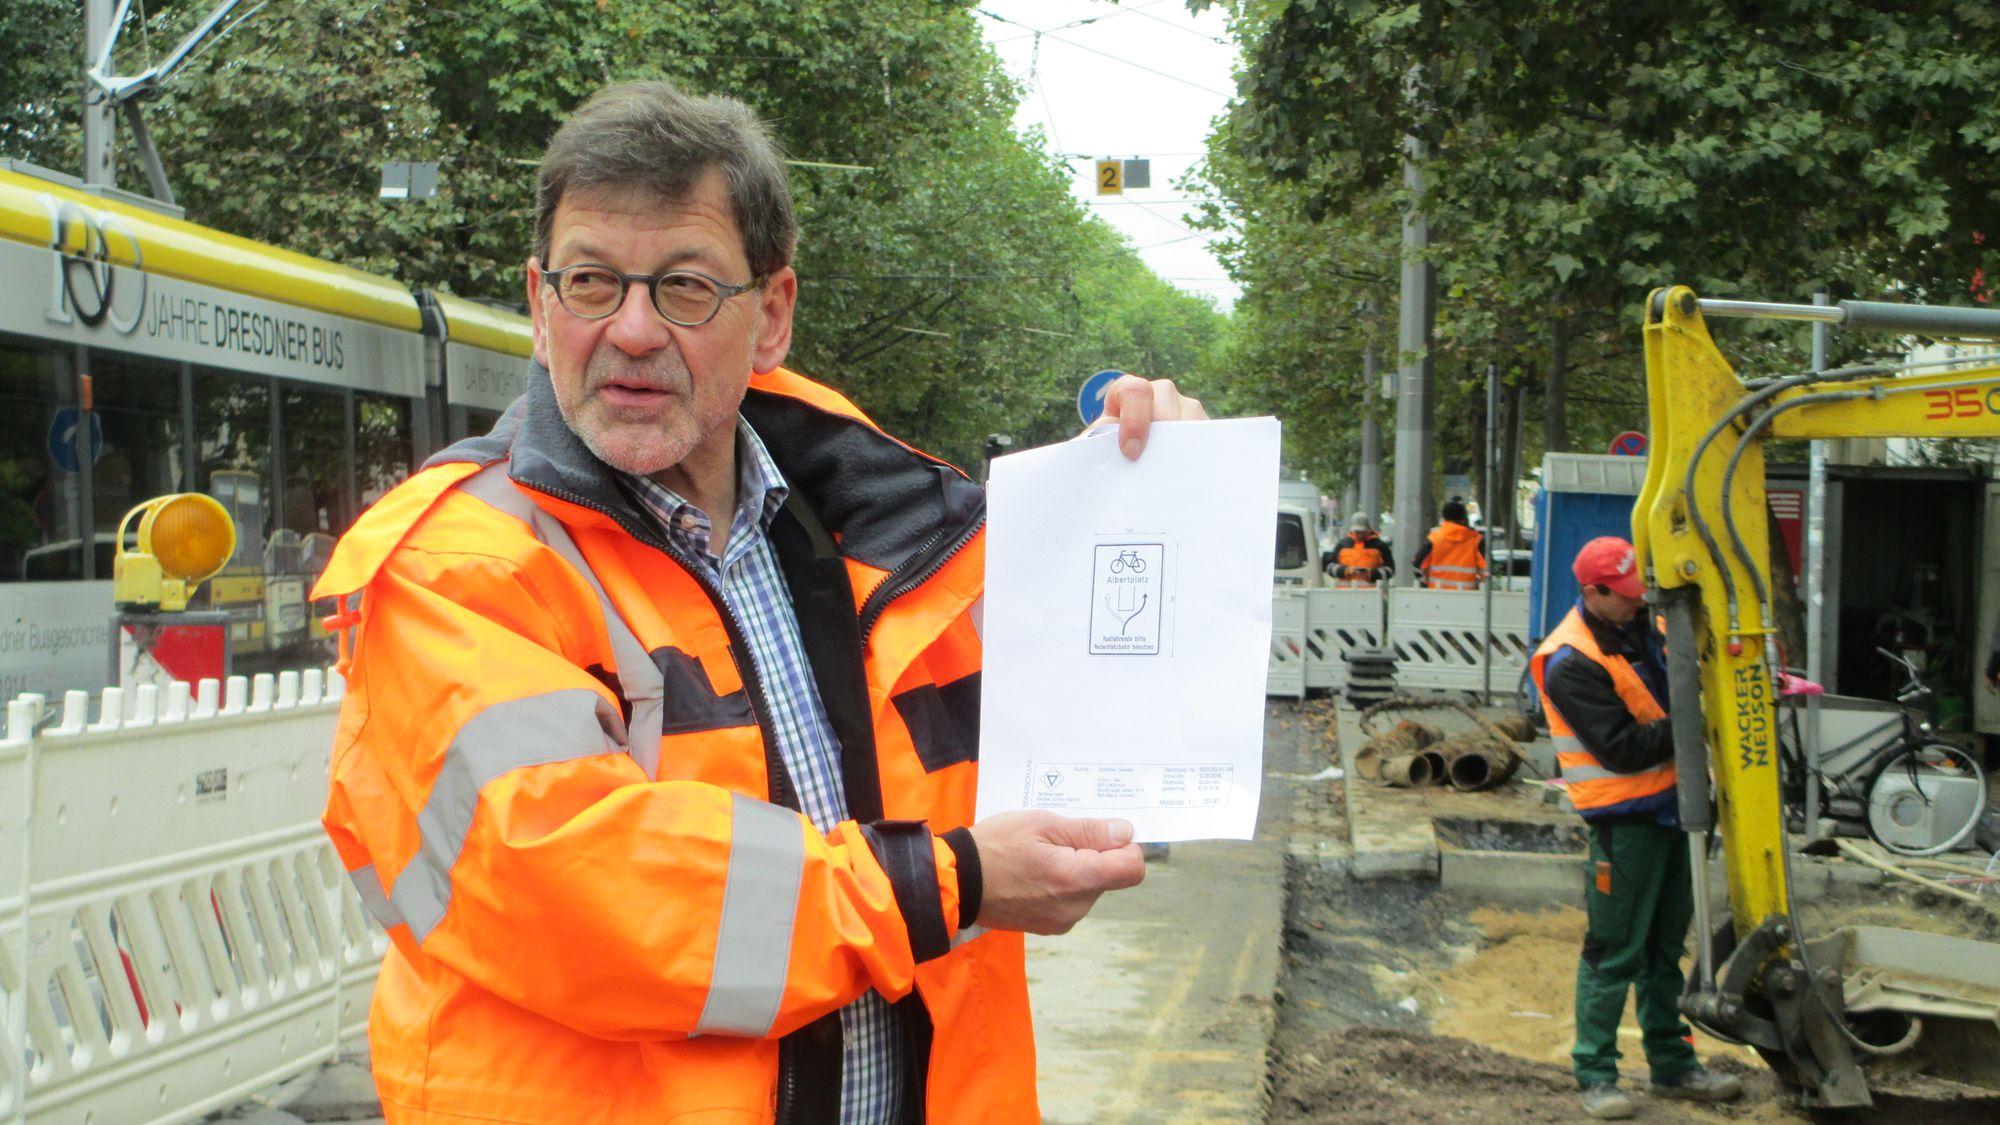 Das von Koettnitz selbst entworfene Schild soll auf die neue Radwegsituation zukünftig veranschaulichen